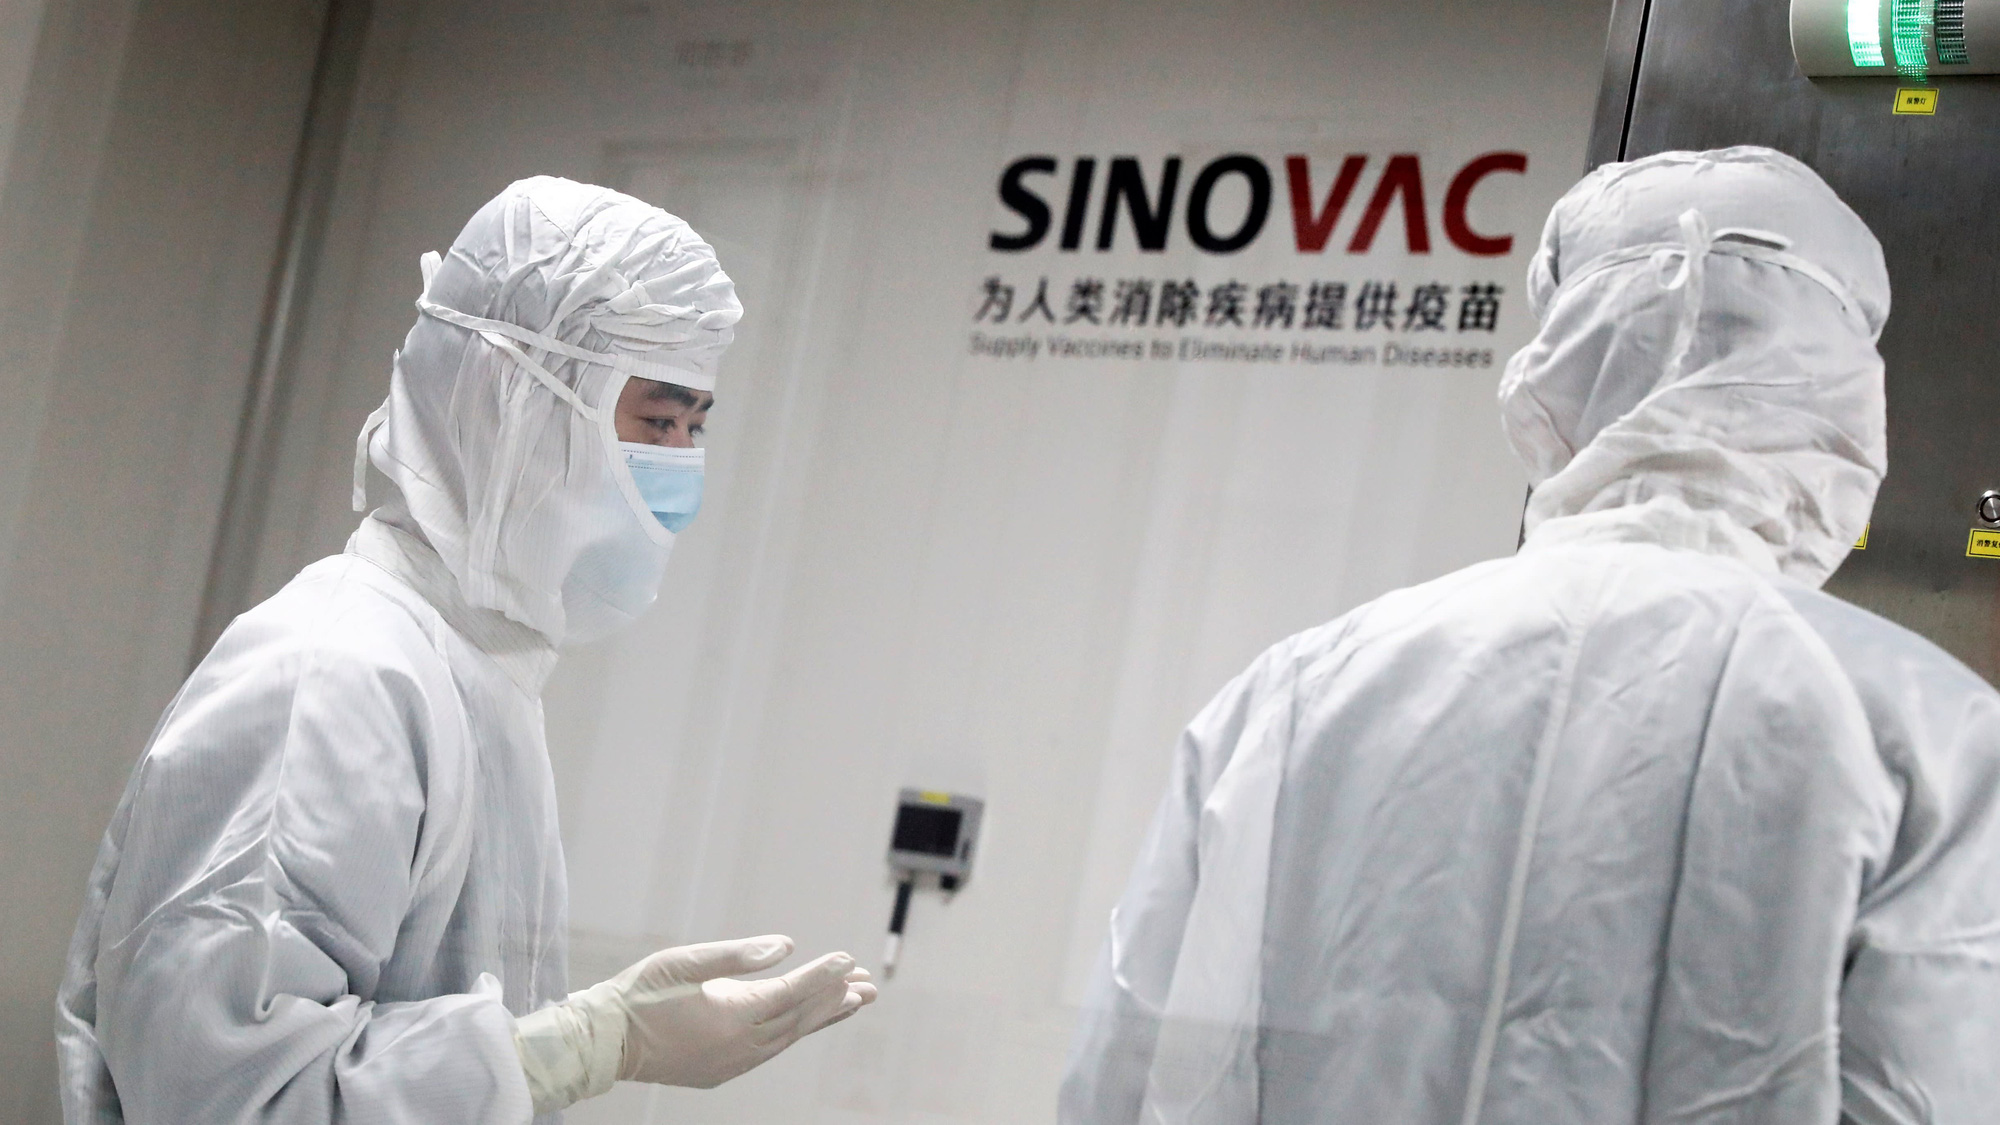 """Trung Quốc đang """"thắng lớn"""" nhờ ngoại giao vắc xin? - Ảnh 1."""